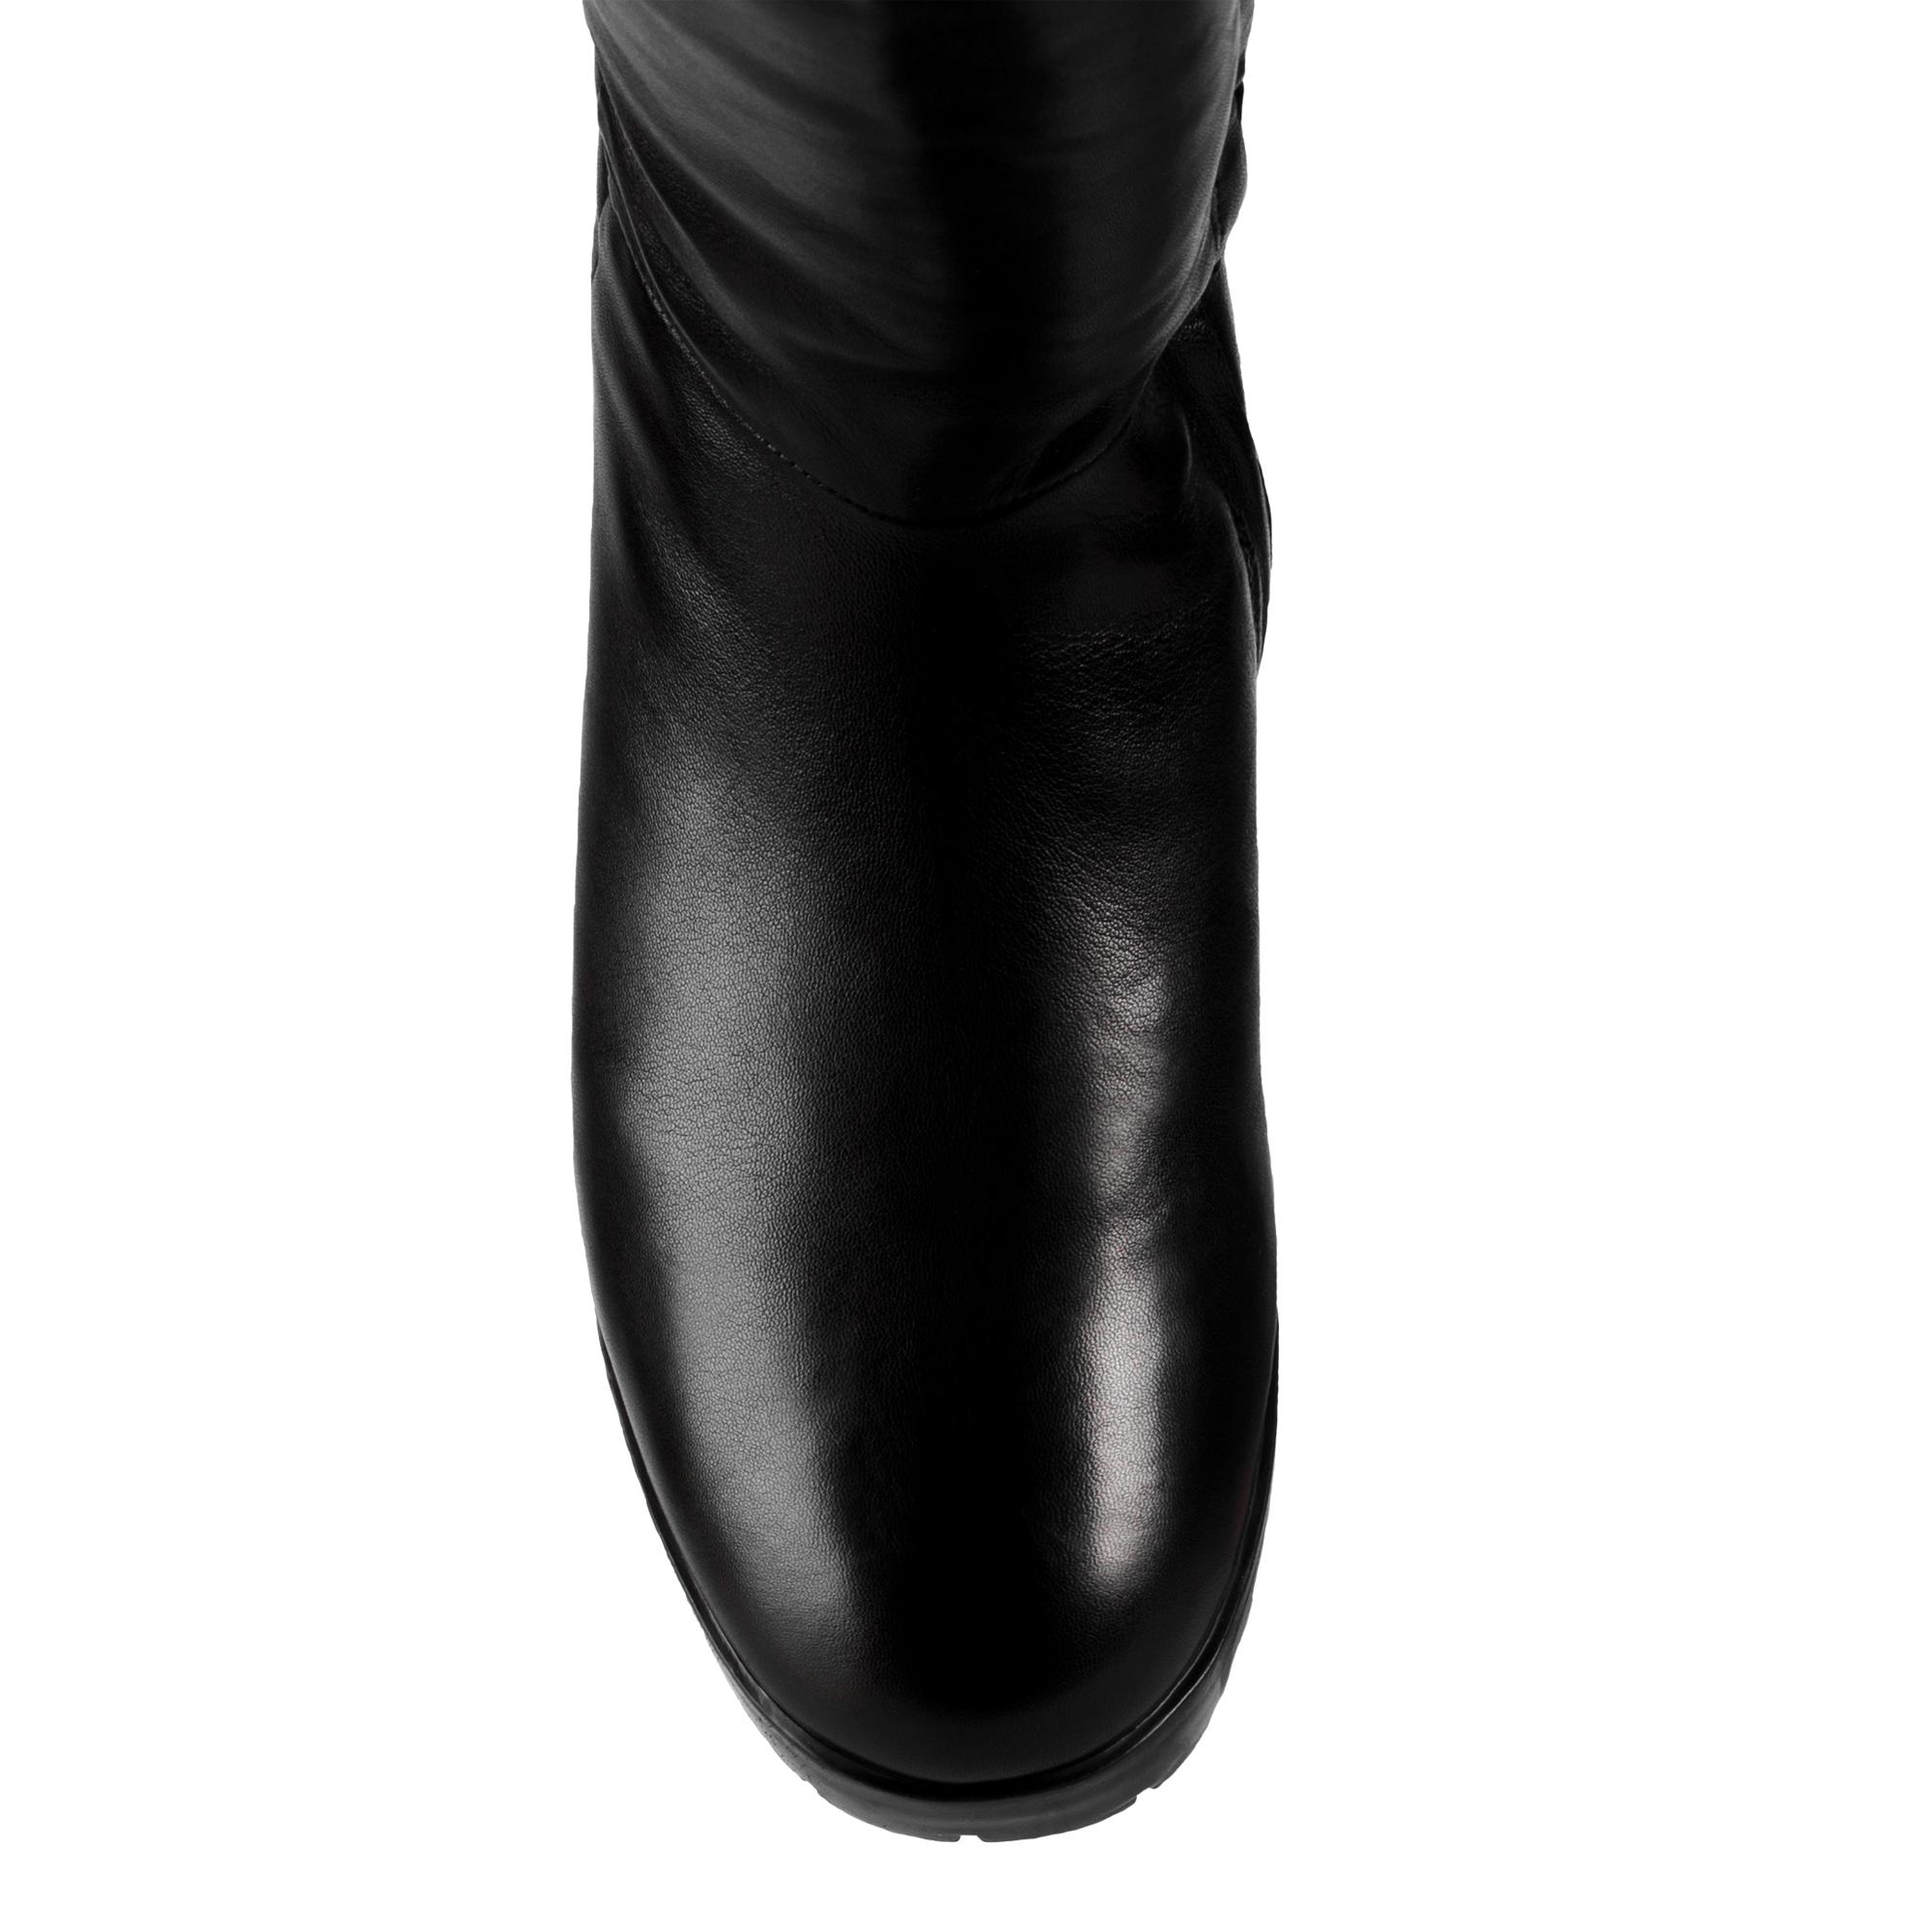 Сапоги на плоской подошве CorsoComo (Корсо Комо) 50-359-52012